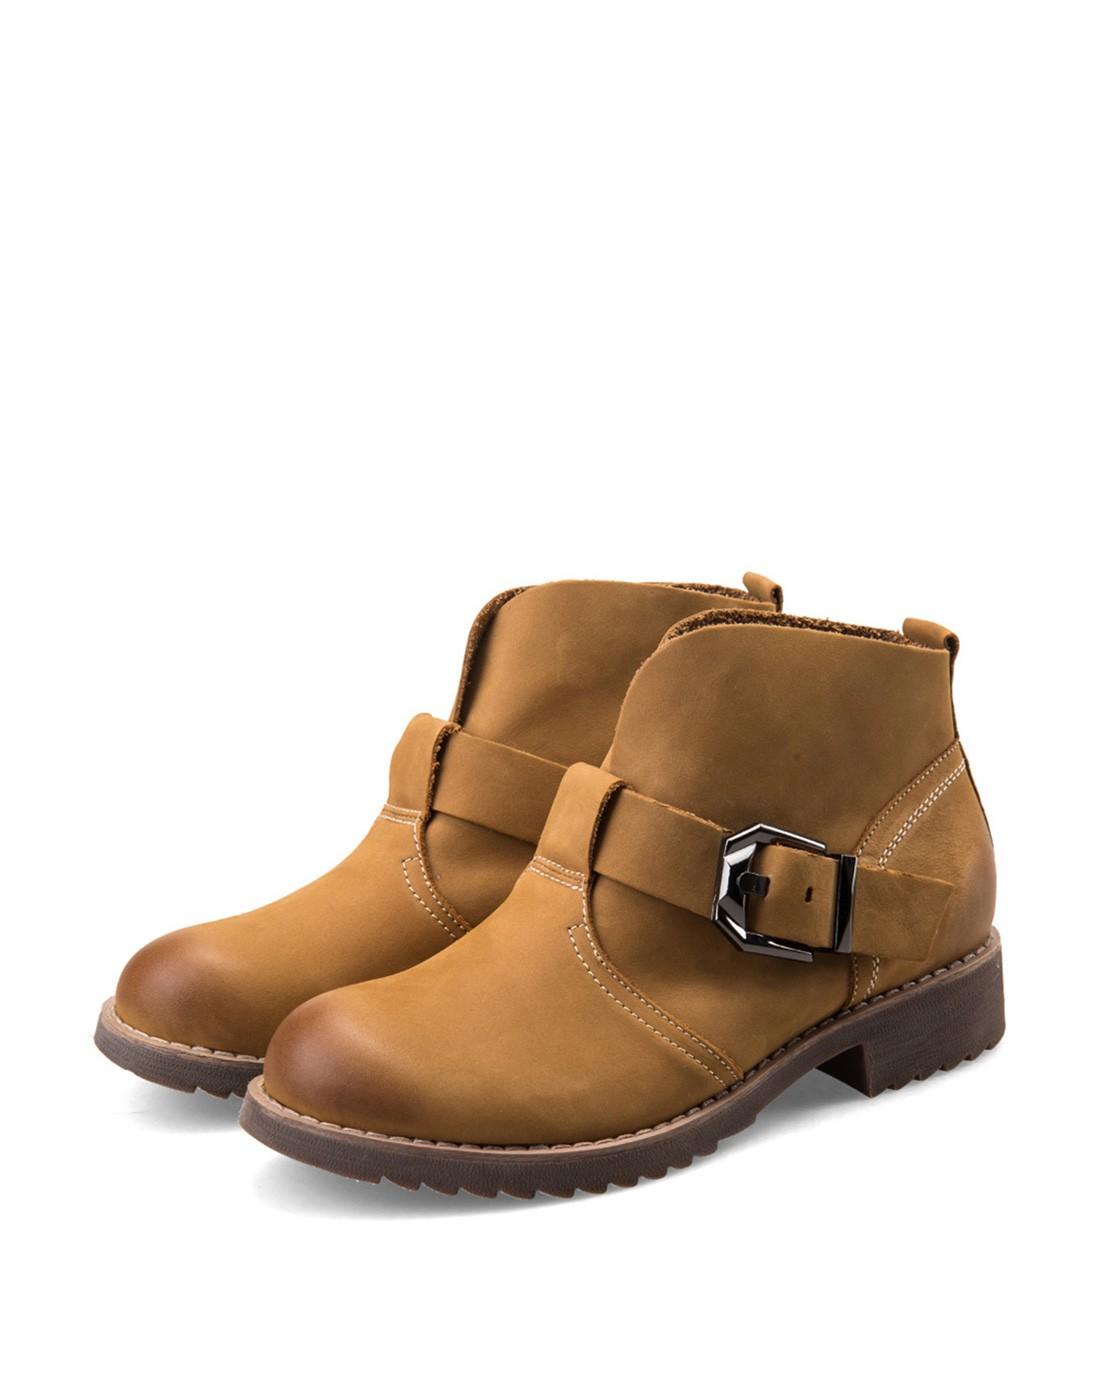 皮英伦浅棕色马丁靴